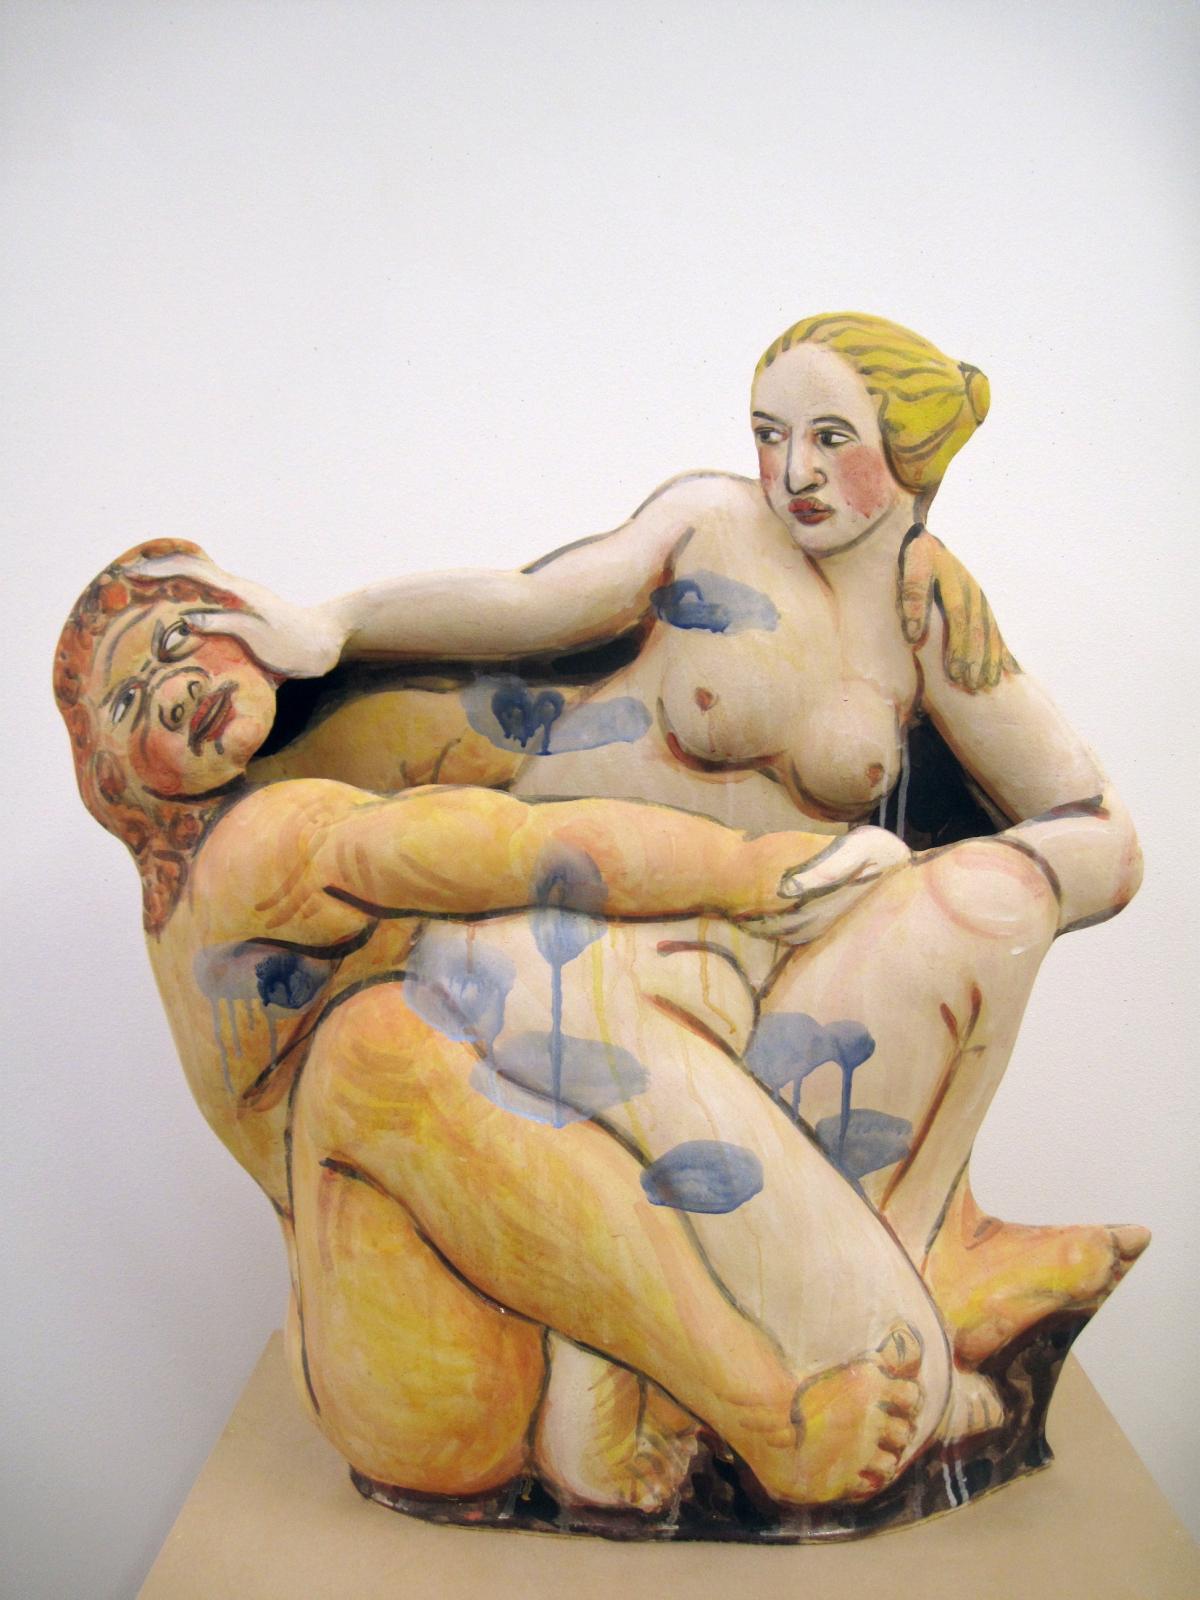 Akio Takamori: Nymph and Satyr, 2011  Stoneware with underglazes  34 x 25 x 10 in. (86.4 x 63.5 x 25.4 cm)  Courtesy of the artist; Barry Friedman, Ltd.  Photo: Vicky Takamori